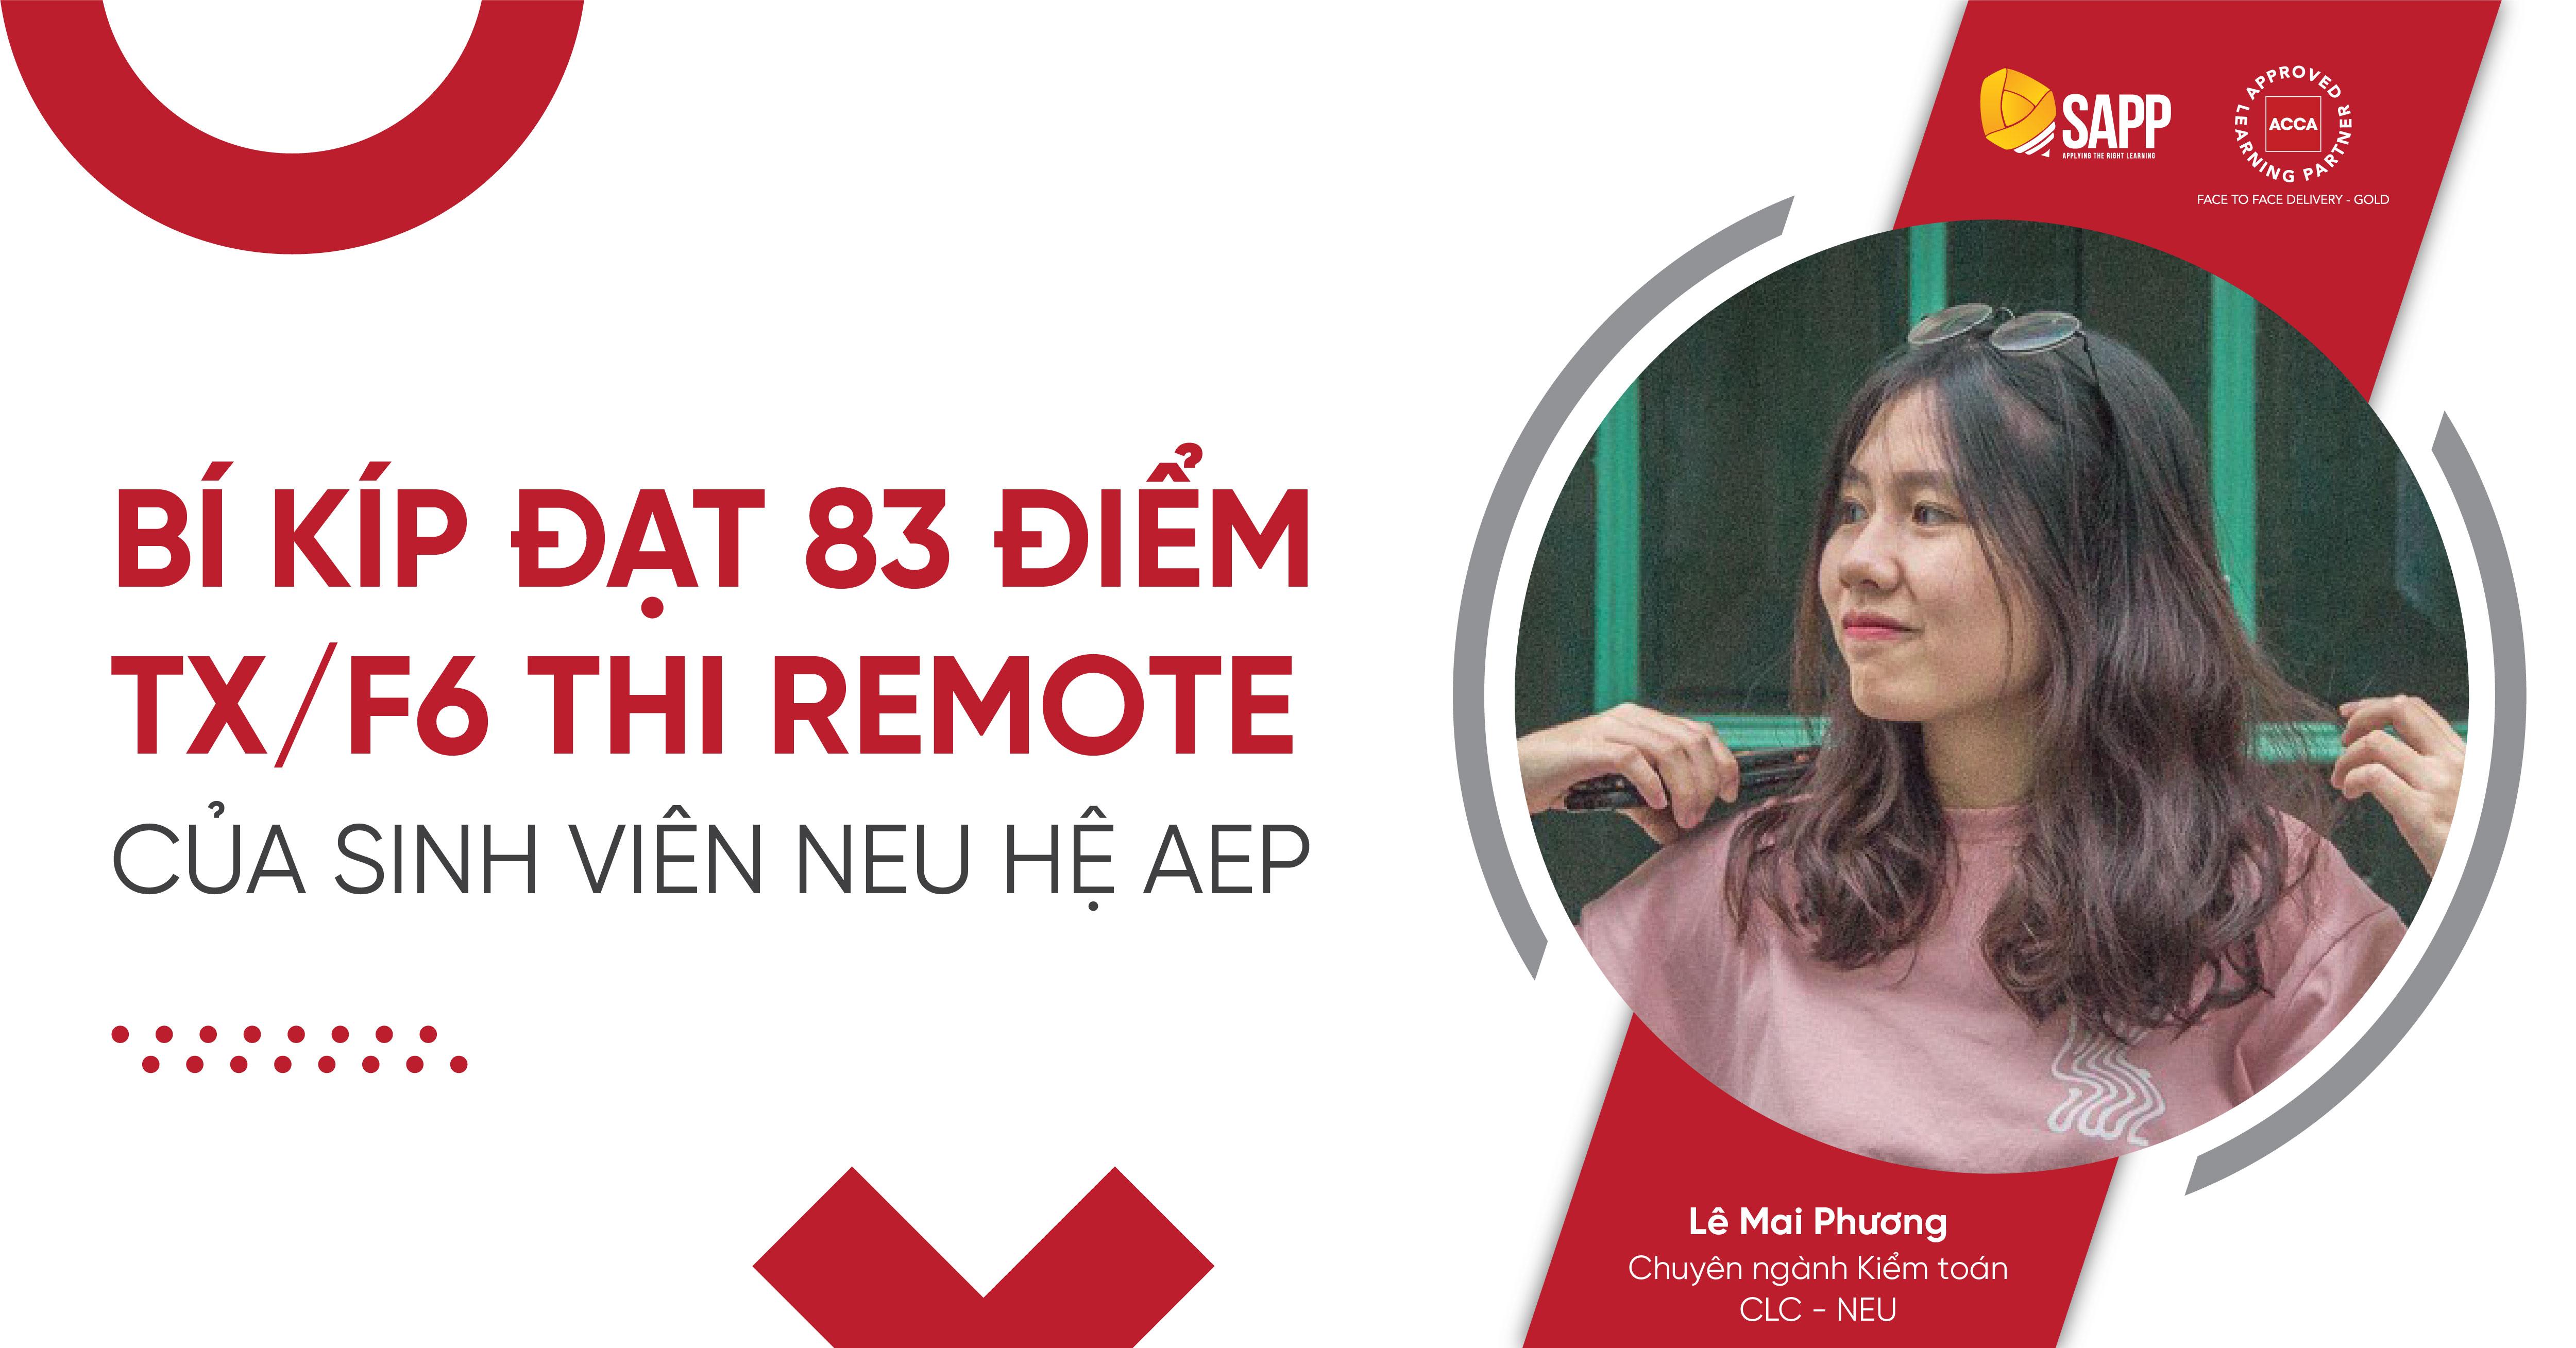 Bí Kíp Đạt 83 Điểm TX/F6 Thi Remote Kỳ Tháng 06/2021 Của Cô Nàng NEU Hệ AEP - Mai Phương